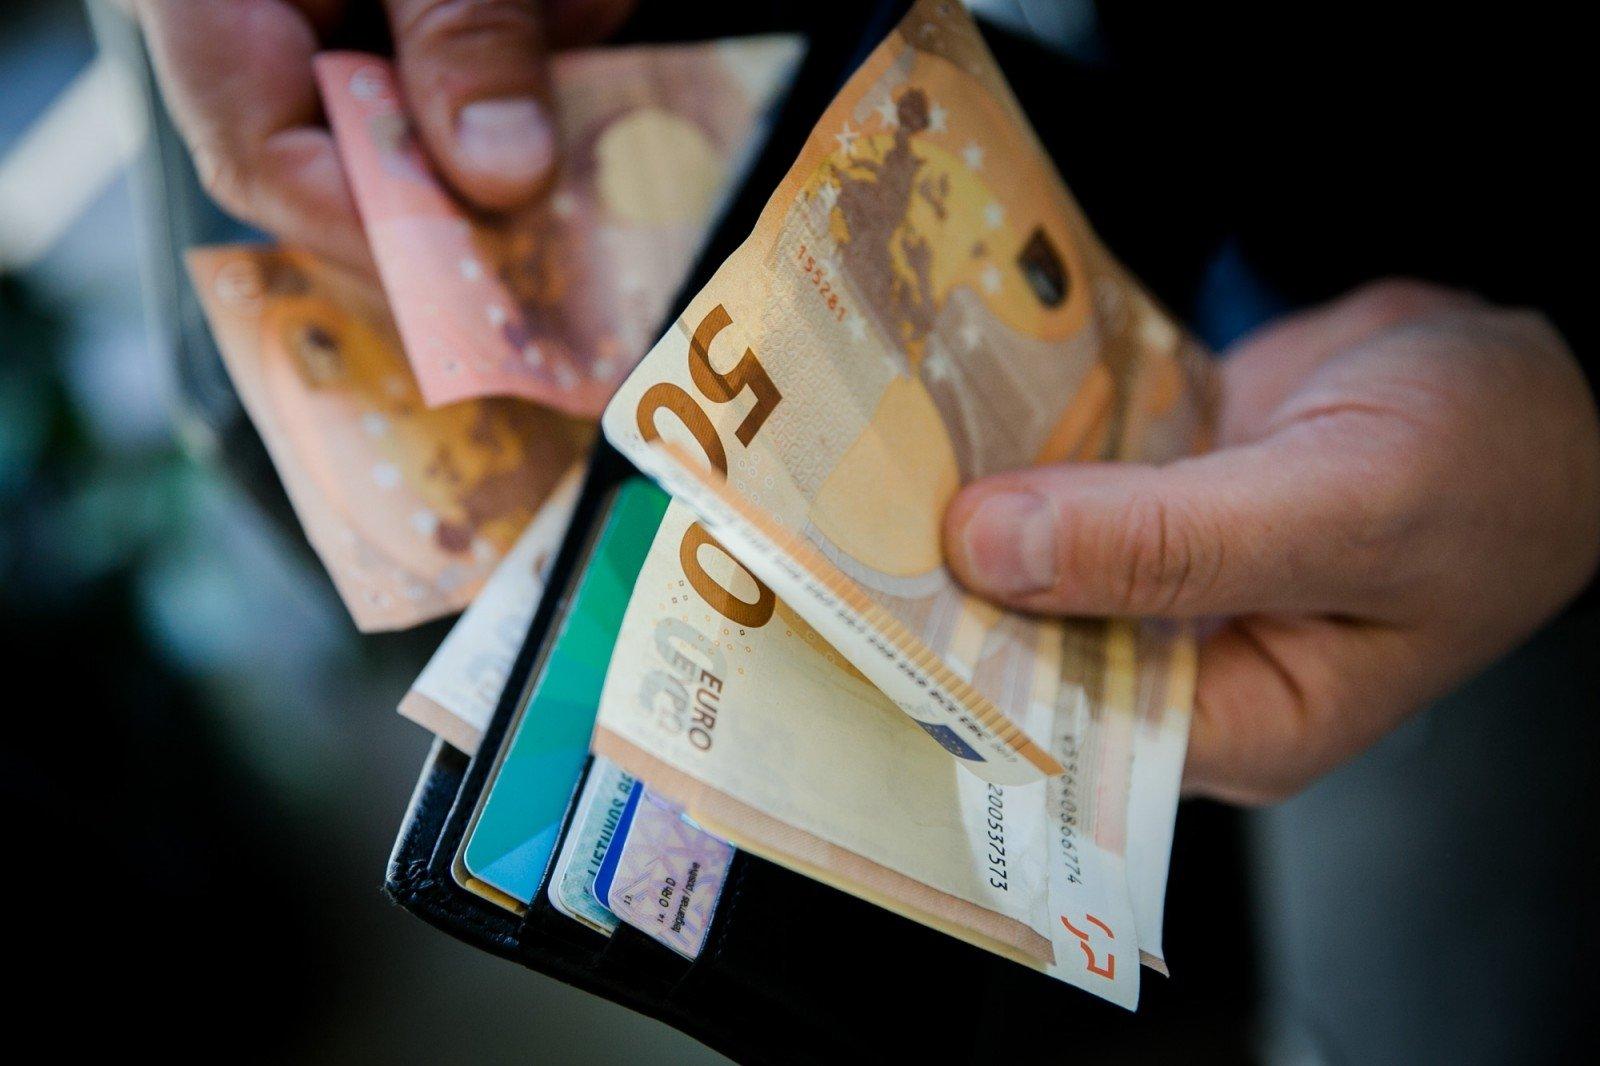 Puikus būdas užsidirbti pinigų, Būdas Užsidirbti Pinigų Namuose Internete -